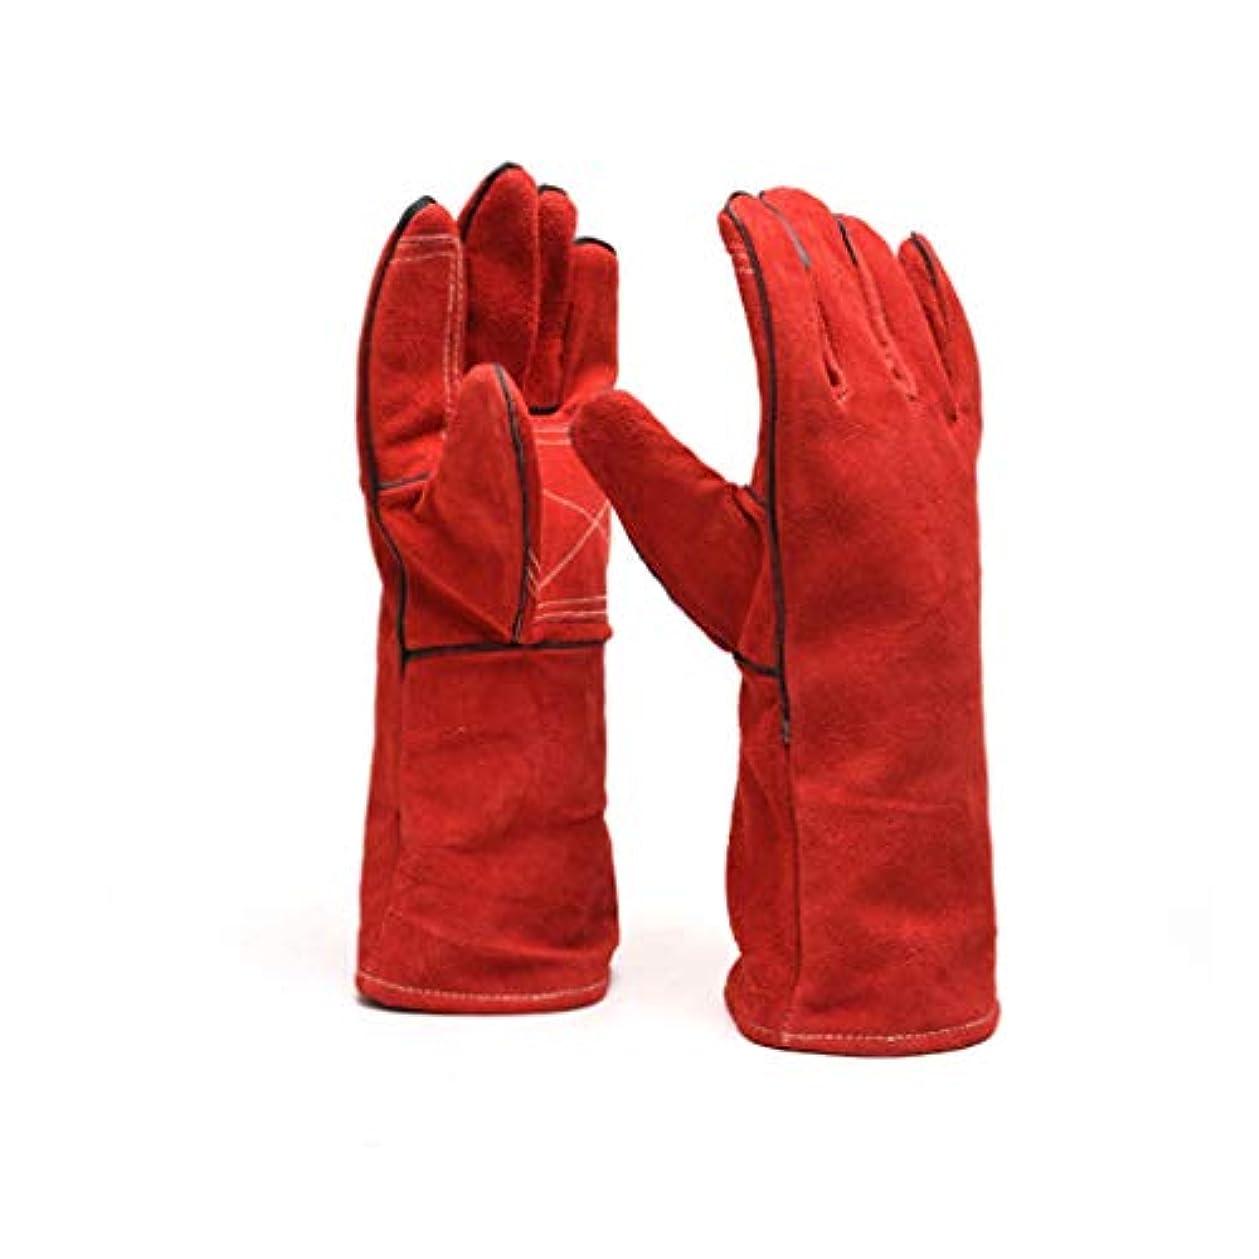 疑問に思う今晩切り離す溶接手袋、溶接機のガントレット反ホットアンチカッティングアンチトロン工業絶縁耐久性のある高温